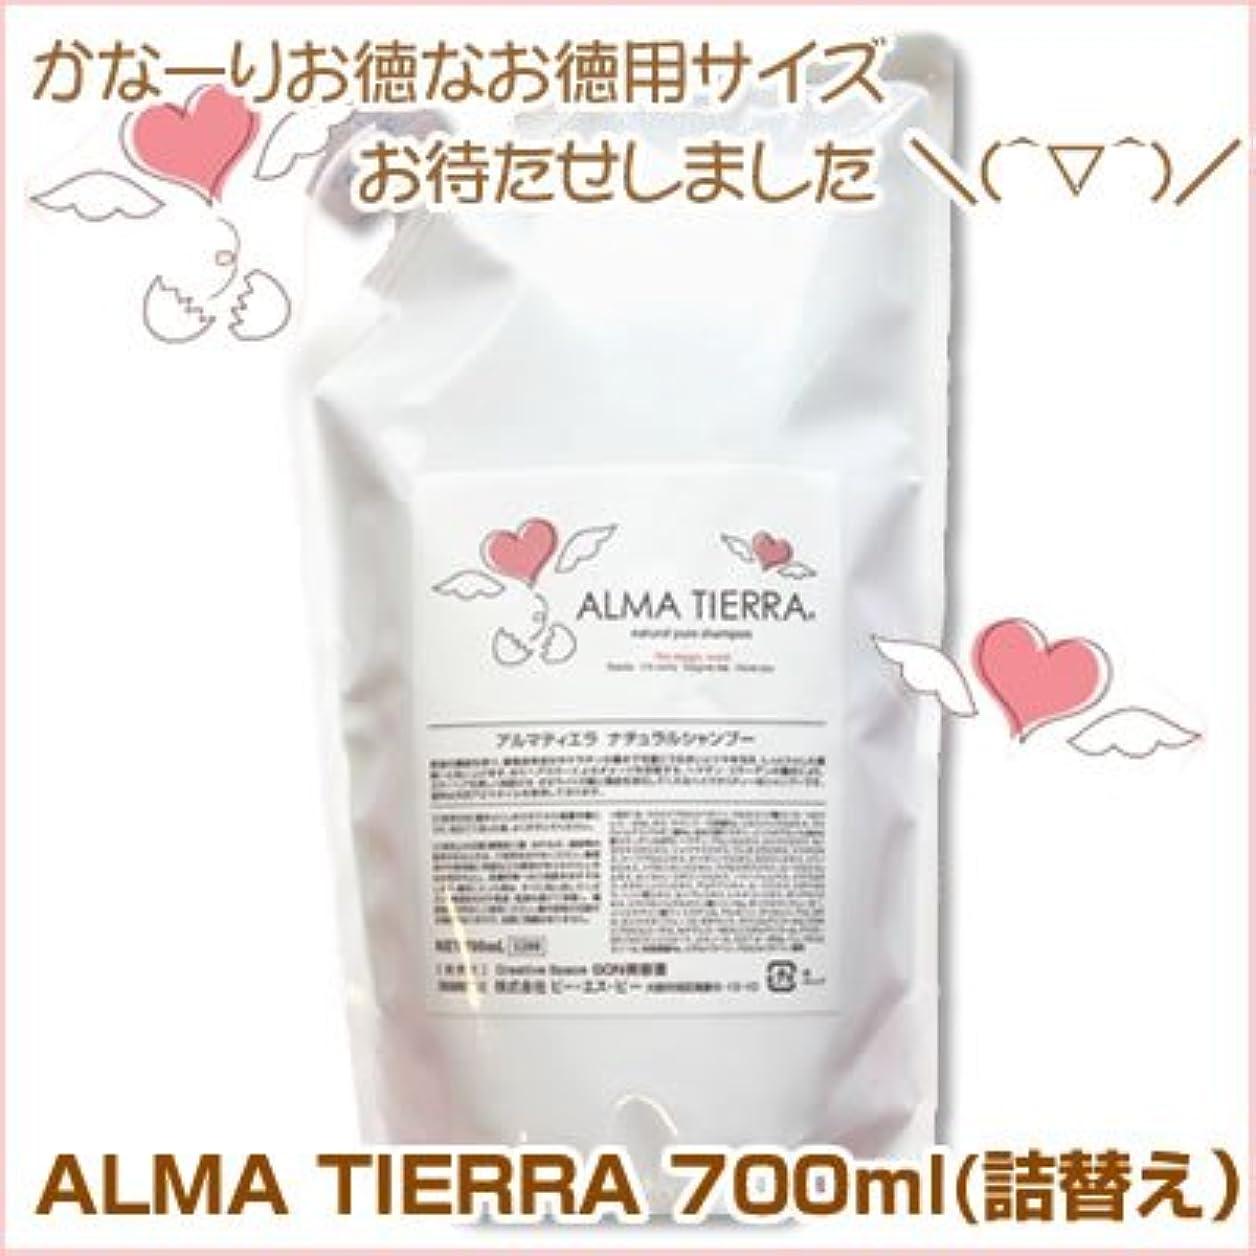 震える広大な登録アルマティエラ ナチュラルピュアシャンプー 700ml(詰替え) サロン専売品